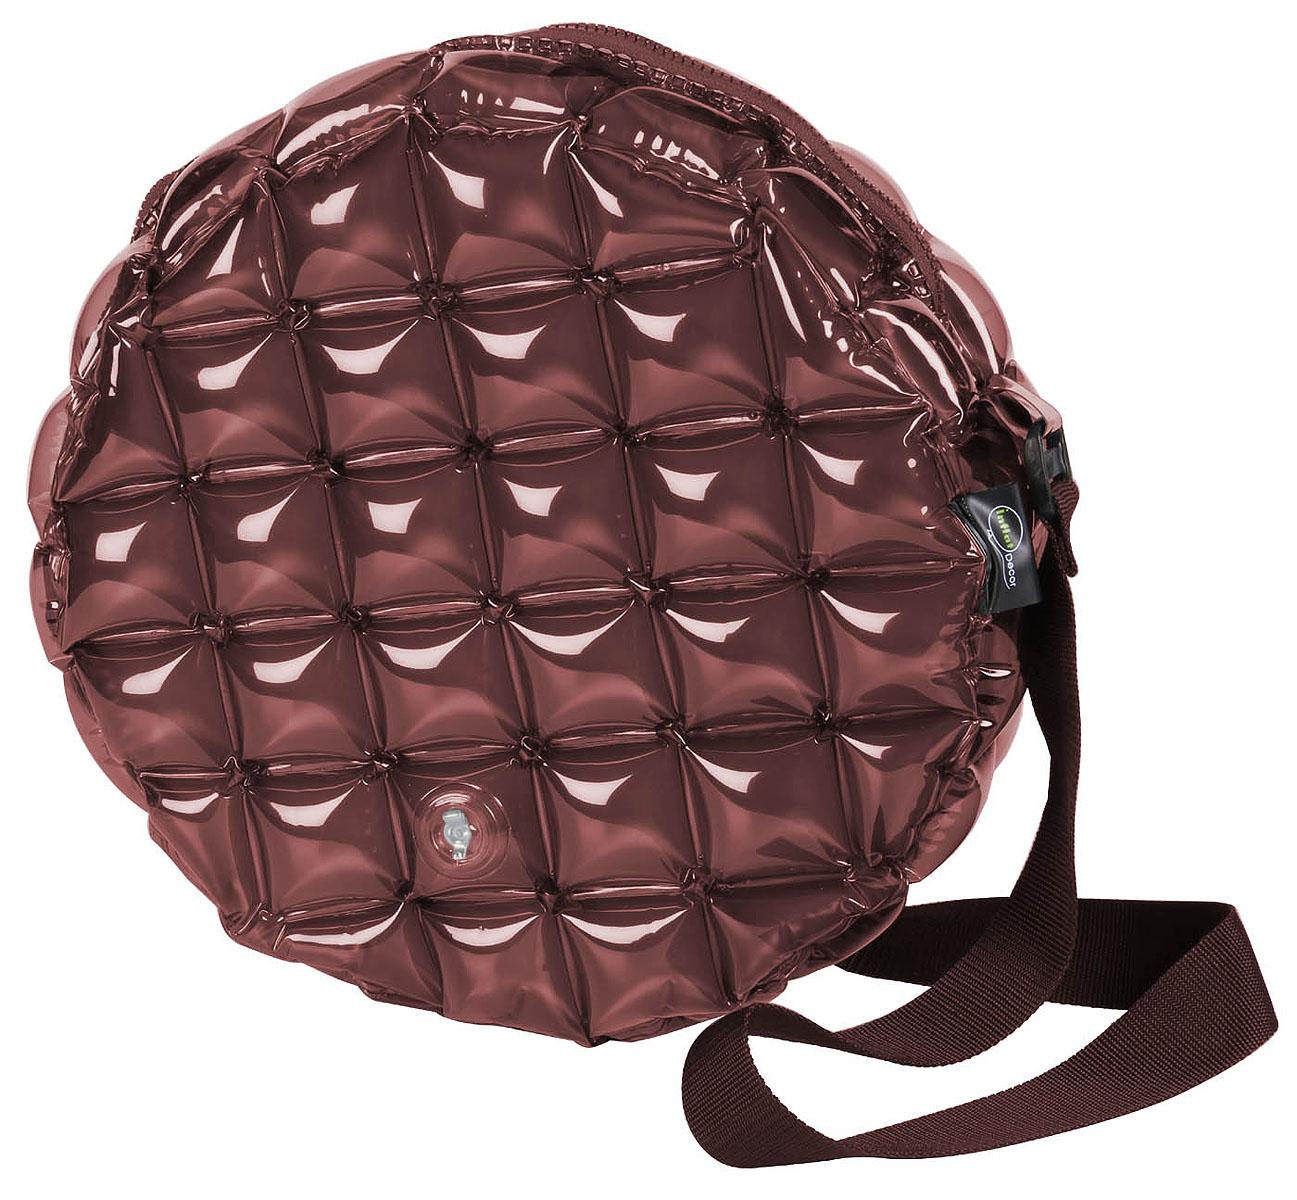 Сумка надувная Inflat Decor, цвет: шоколадный. 0121S76245Яркая надувная сумка - великолепный аксессуар на лето! Сумка круглой формы выполнена из ПВХ и снабжена ручкой из полиэстера. Модель закрывается на застежку-молнию.Сумка легко надувается при помощи мини-насоса (входит в комплект) или рта. В сдутом виде сумка очень компактна и не займет много места. Надувная сумка - отличное решение для летней прогулки. Характеристики: Материал: ПВХ, полиэстер.Размер сумки: 39 см х 39 см х 15 см.